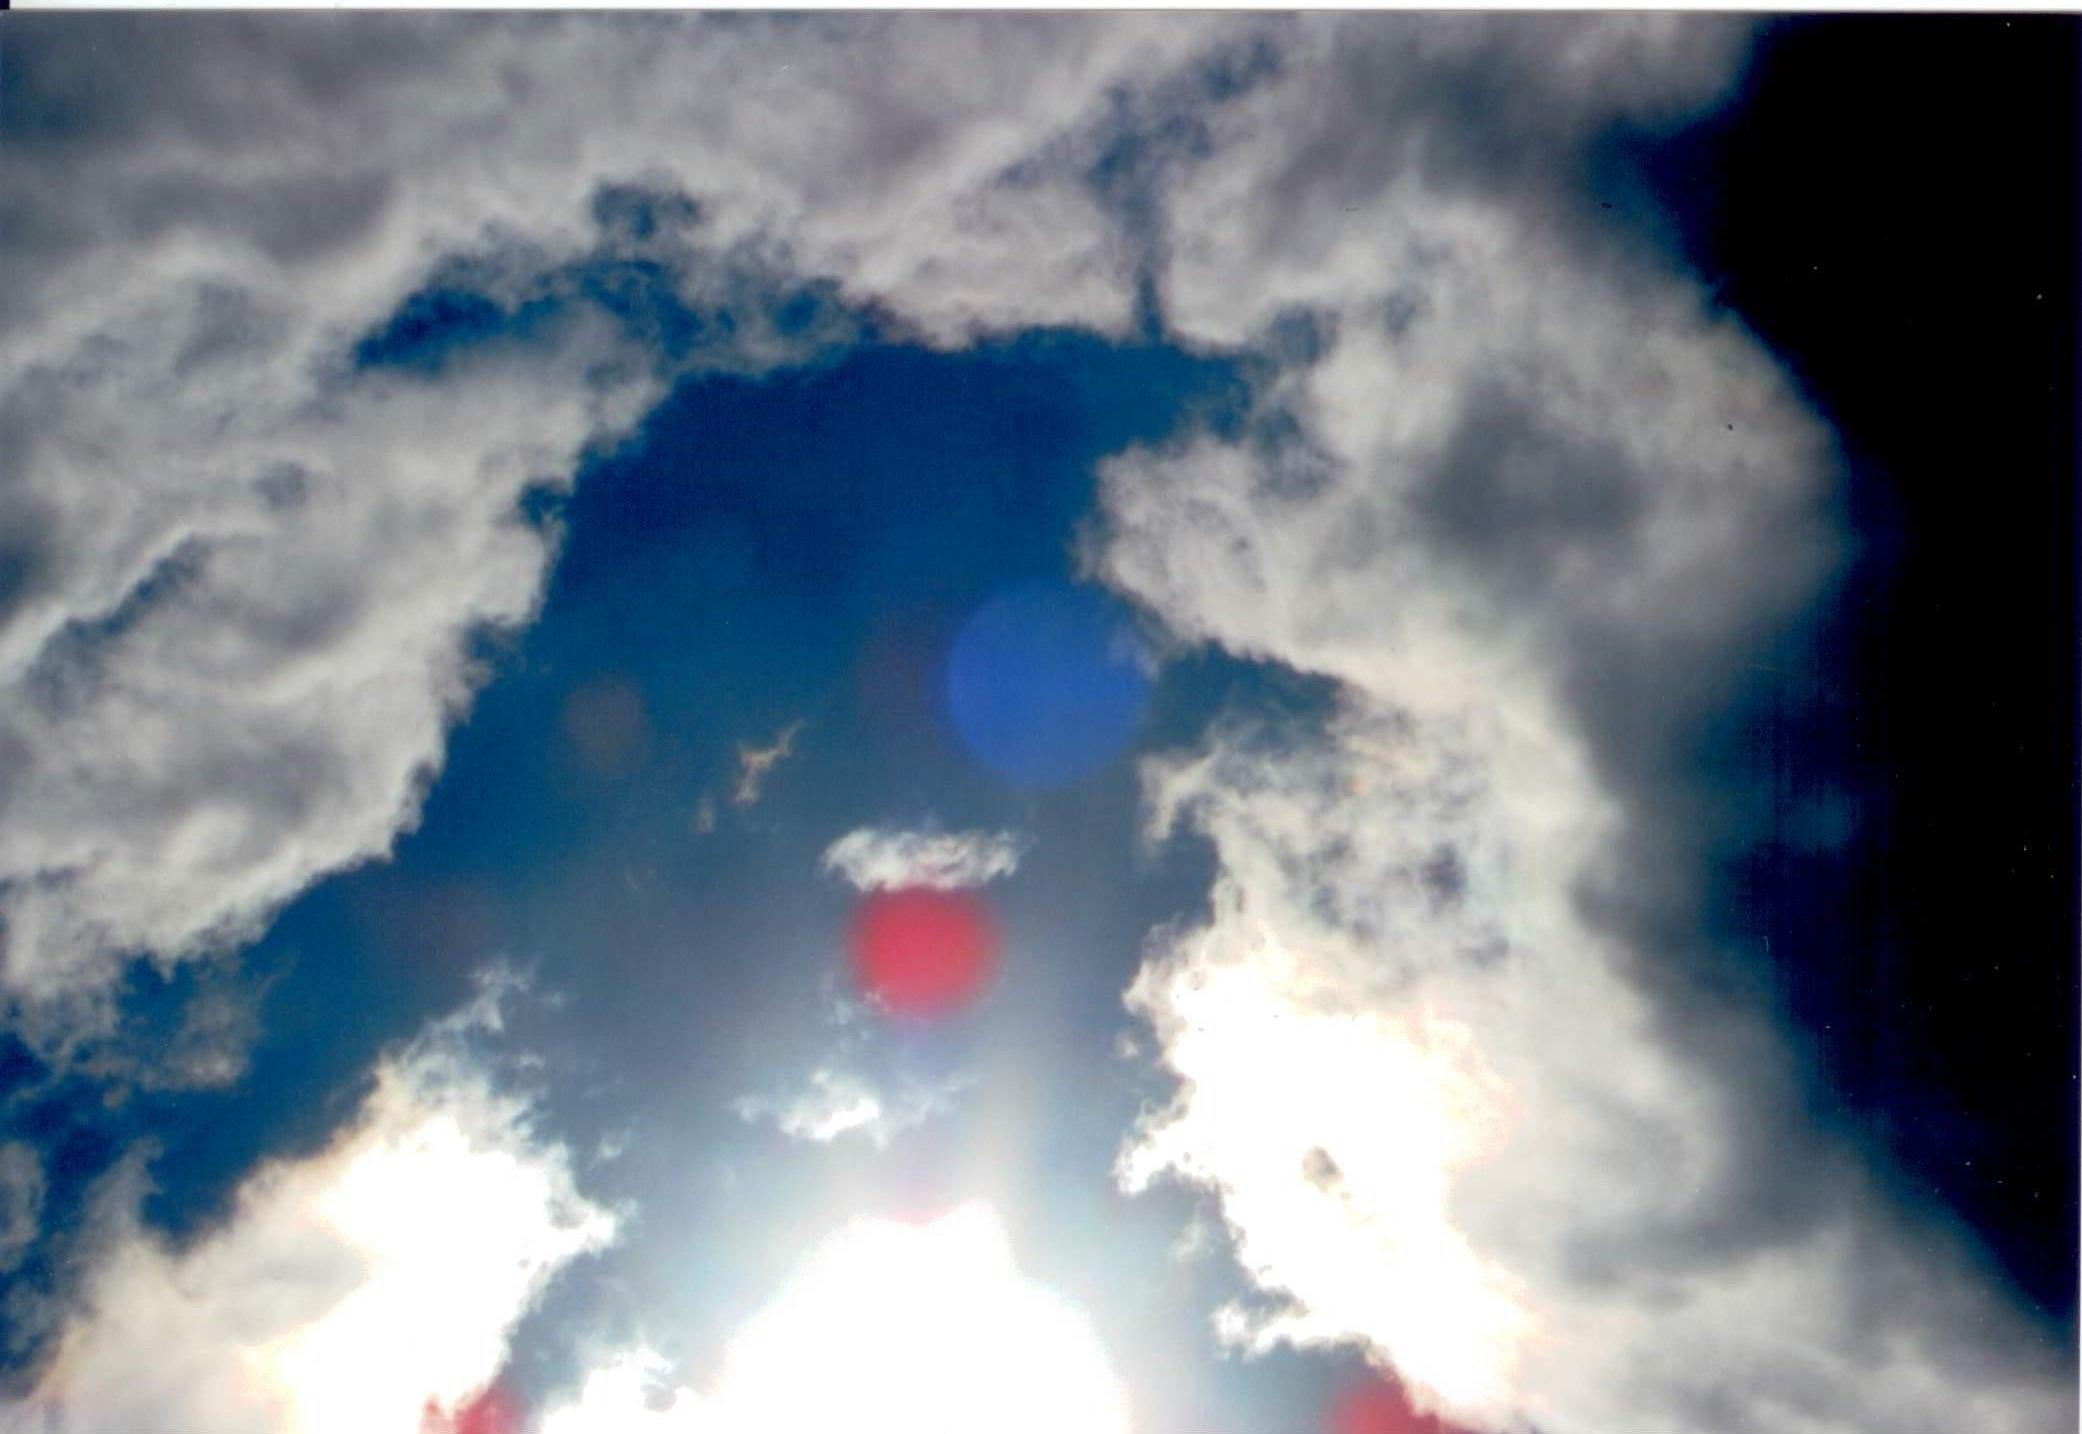 Qui in questa foto I nimici spiriti si avicinano al sole con la speranza che con la luce di DIO UNIVERSALE A BENEDETTO IL SOLE si credono che ricevono il perdono ma DIO UNIVERSALE non perdona i malefici si devono affrontare con la guerra.